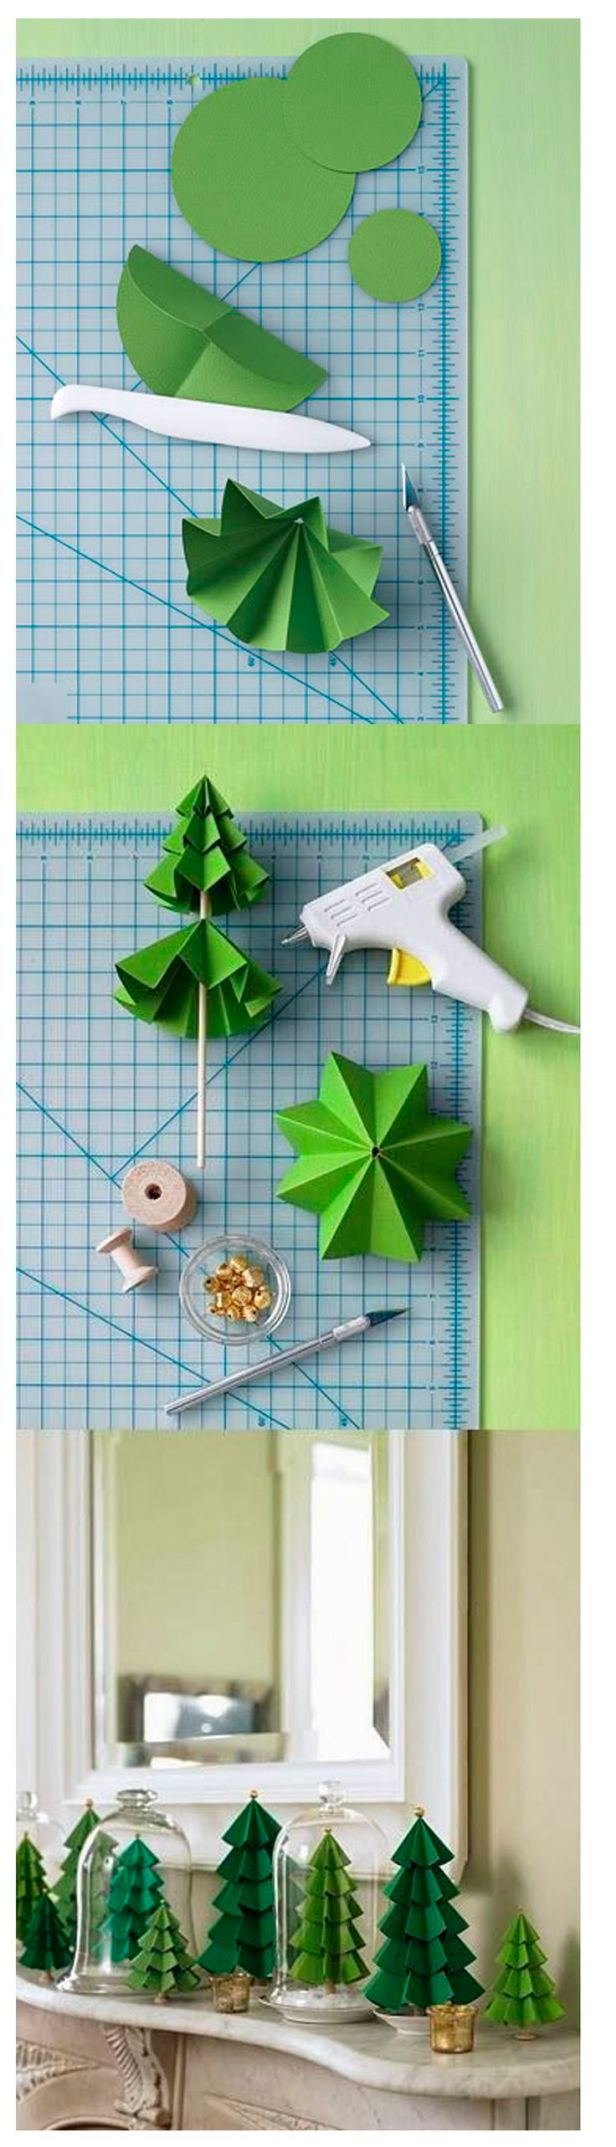 Aqui círculos de papel cartão, linha, cola quente e miçangas! Ideia linda! Imagem: http://www.happygoluckyblog.com/2012/04/upcycled-craft-ideas.html